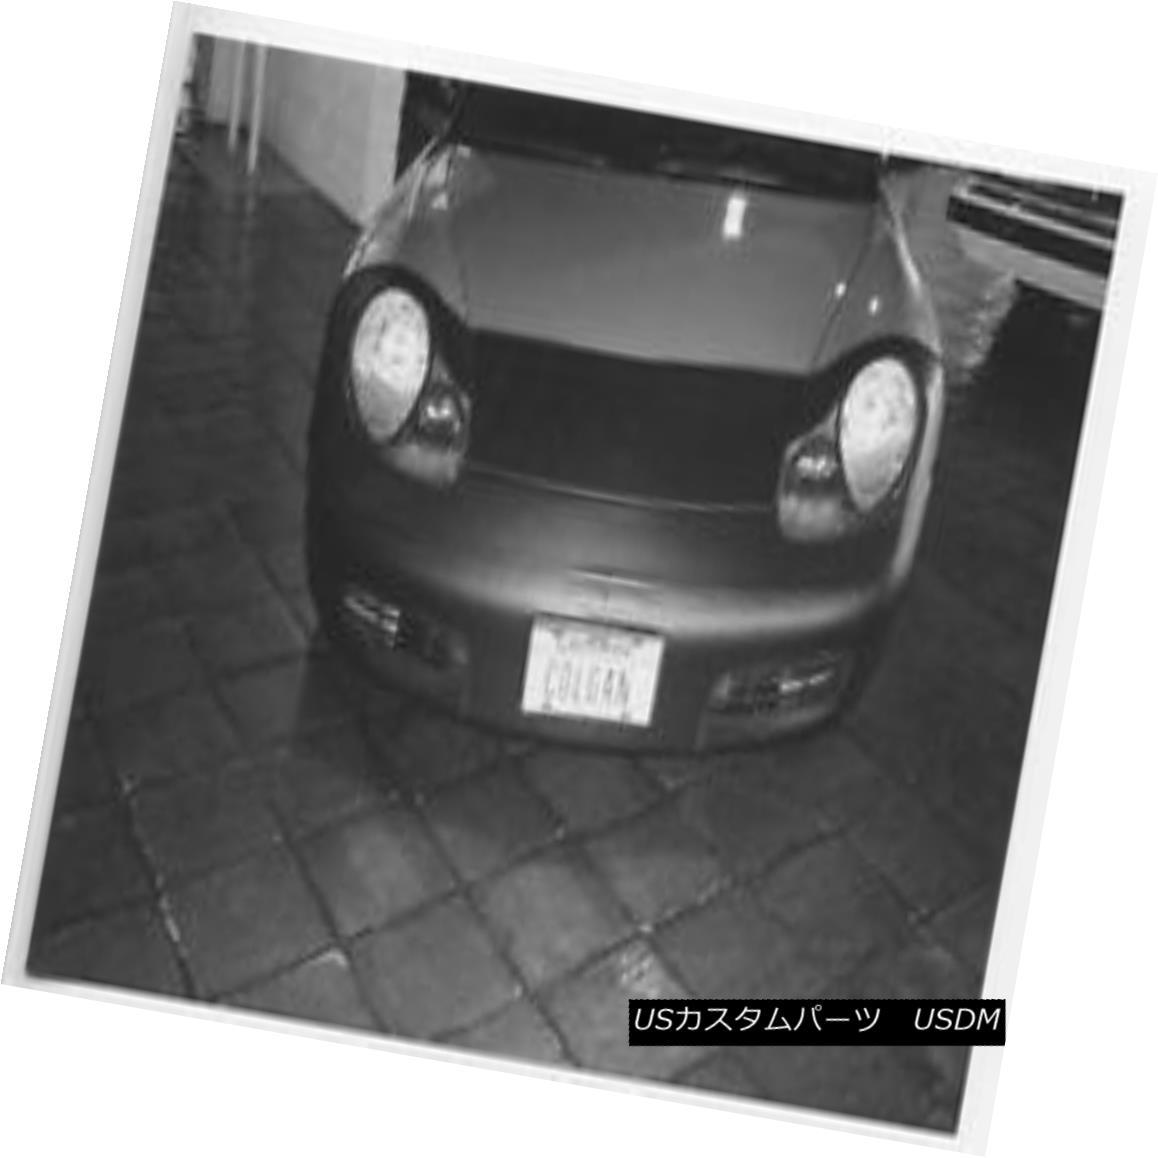 フルブラ ノーズブラ Colgan Front End Mask Bra 2pc. Fits Porsche Boxster 1997-2002 W/O License plat  コルガンフロントエンドマスクブラ2pc Porsche Boxster 1997-2002 W / Oライセンスプレートに適合